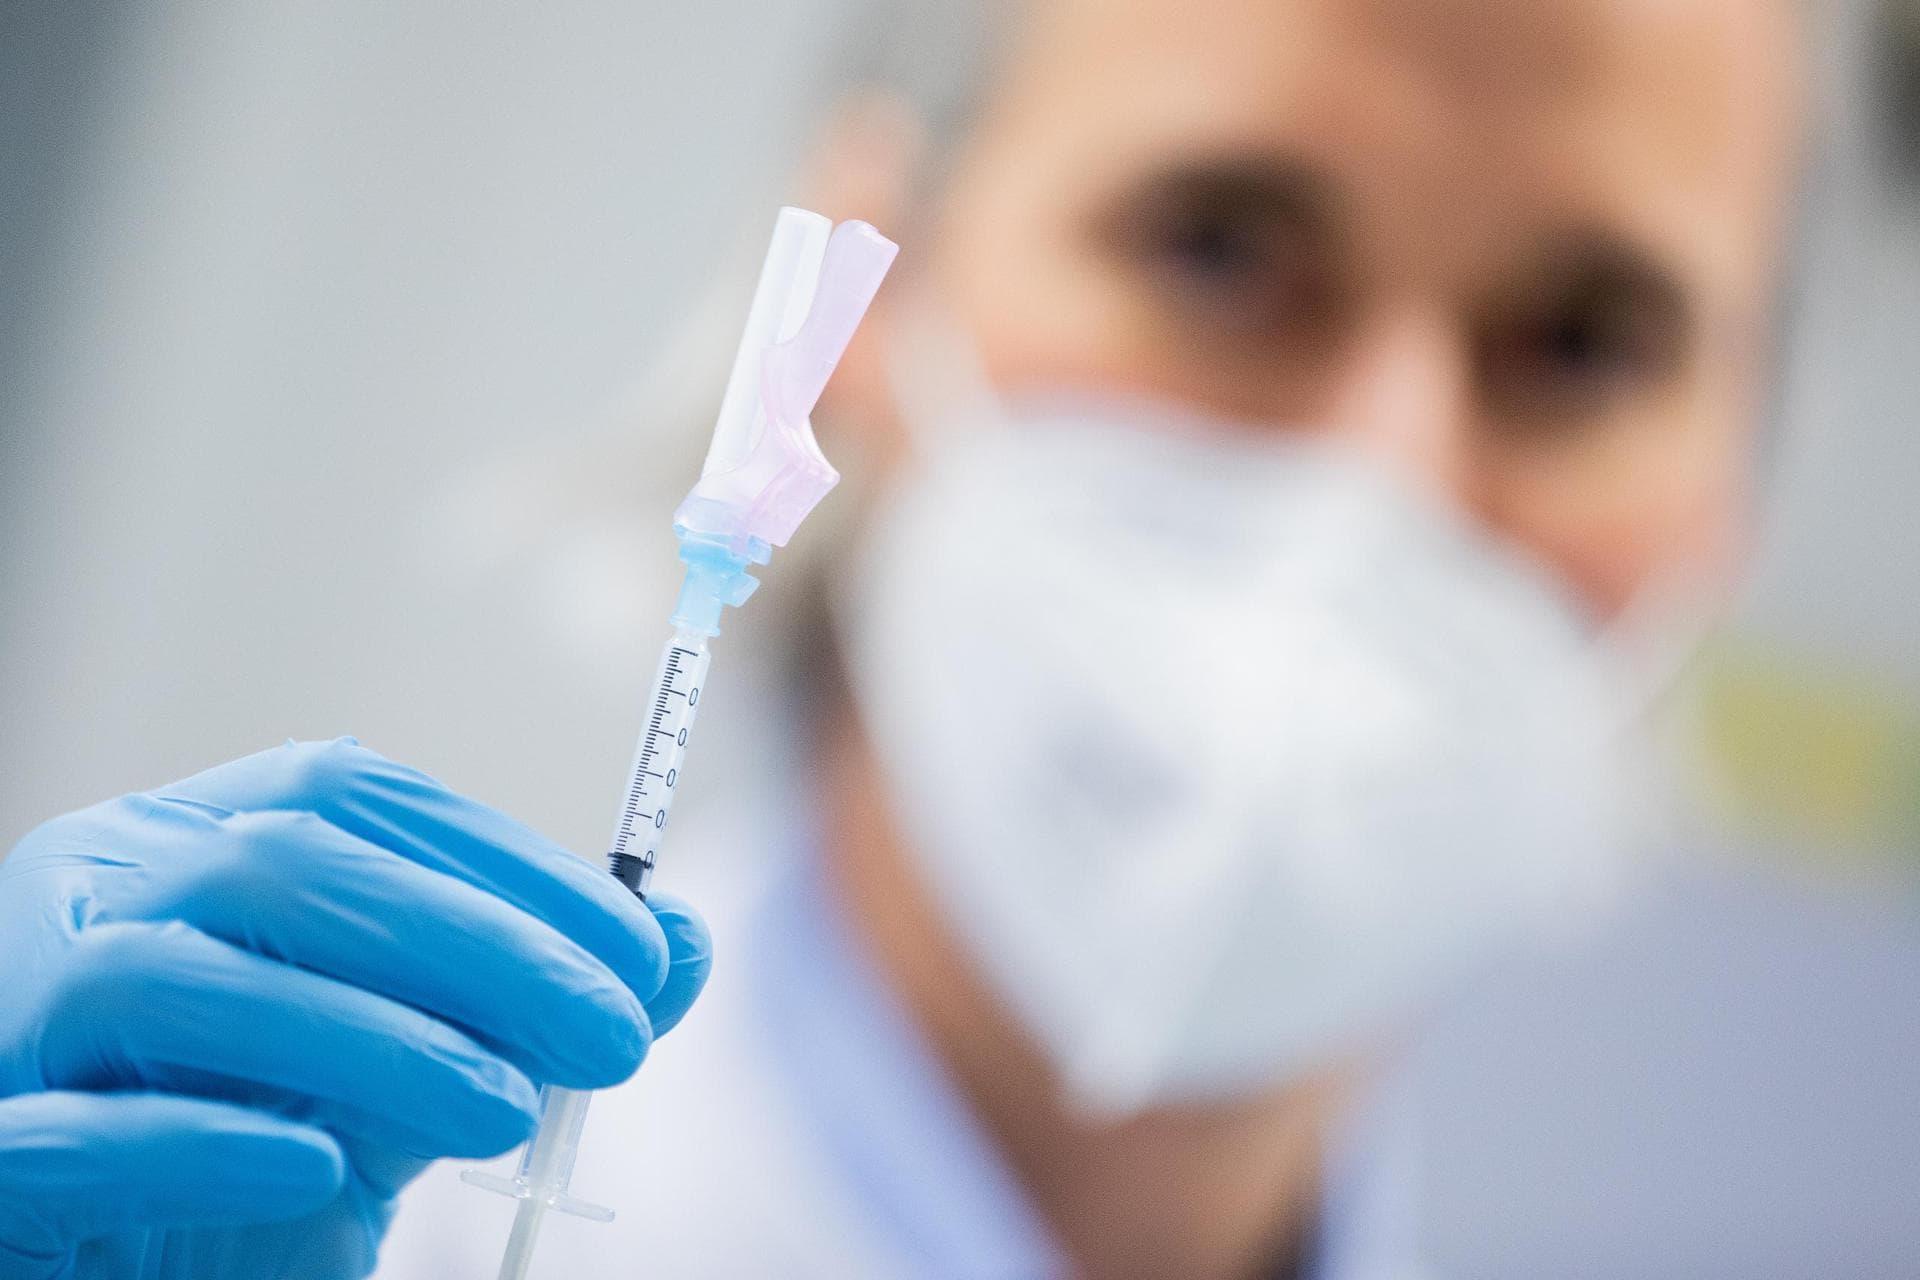 EU-Kommission: 70 Prozent Impfrate bis zum Sommer Corona-Pandemie